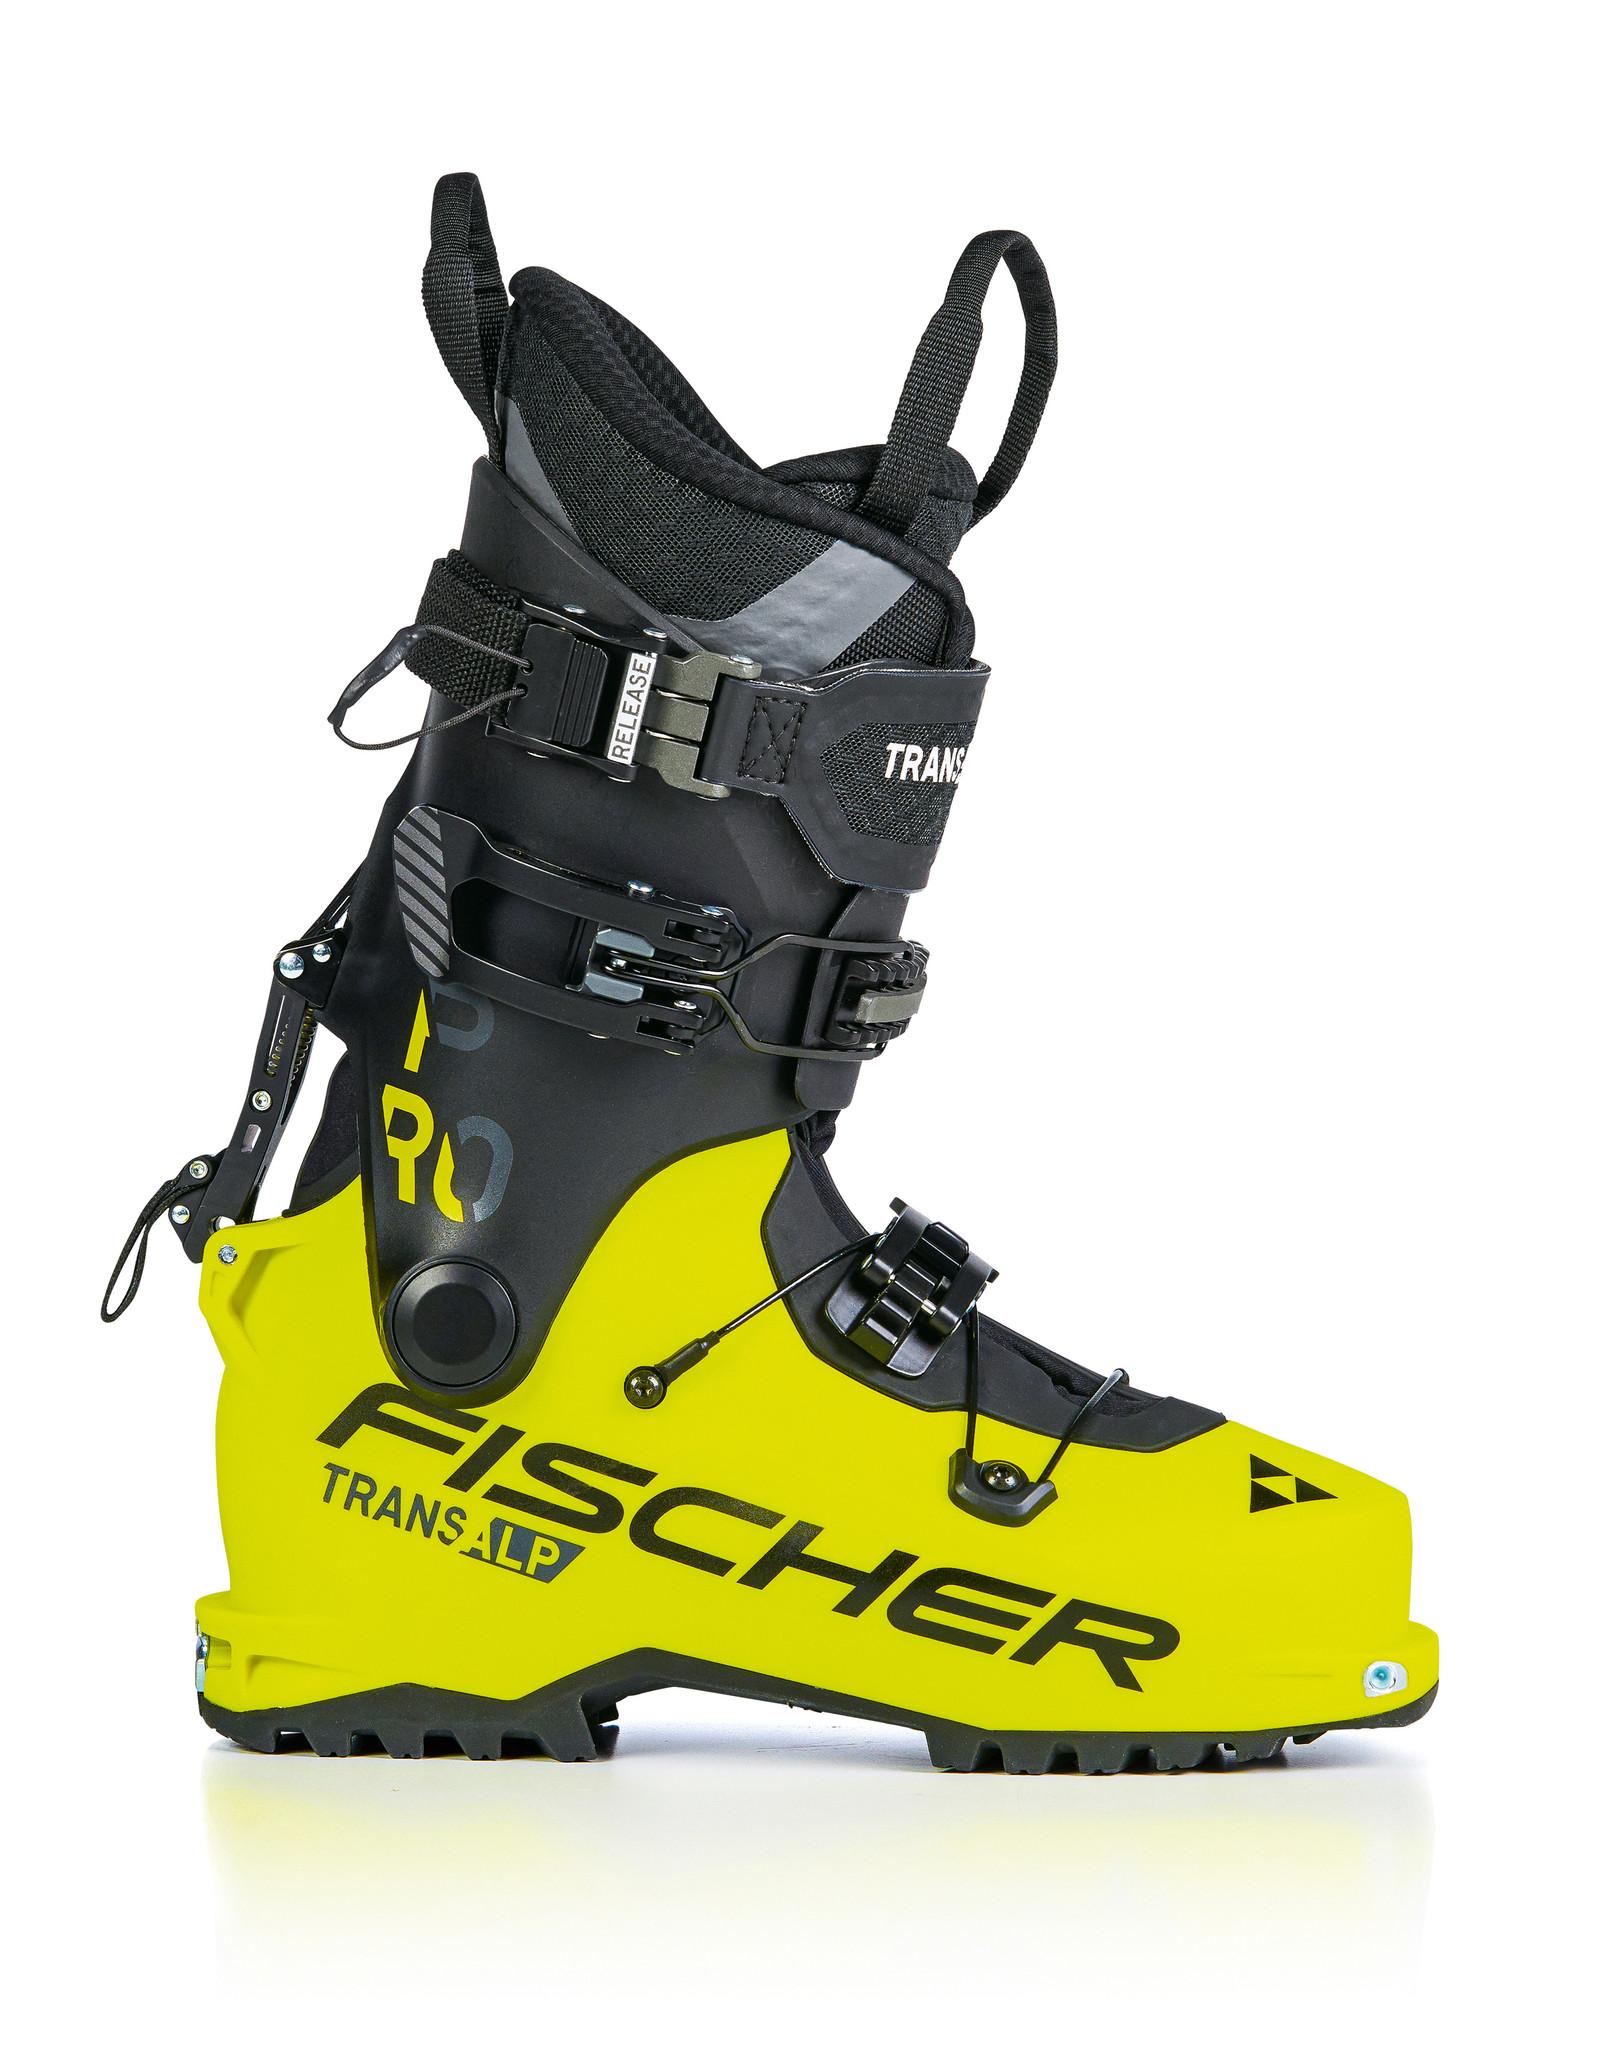 Fischer Trans Alp Pro -W2022